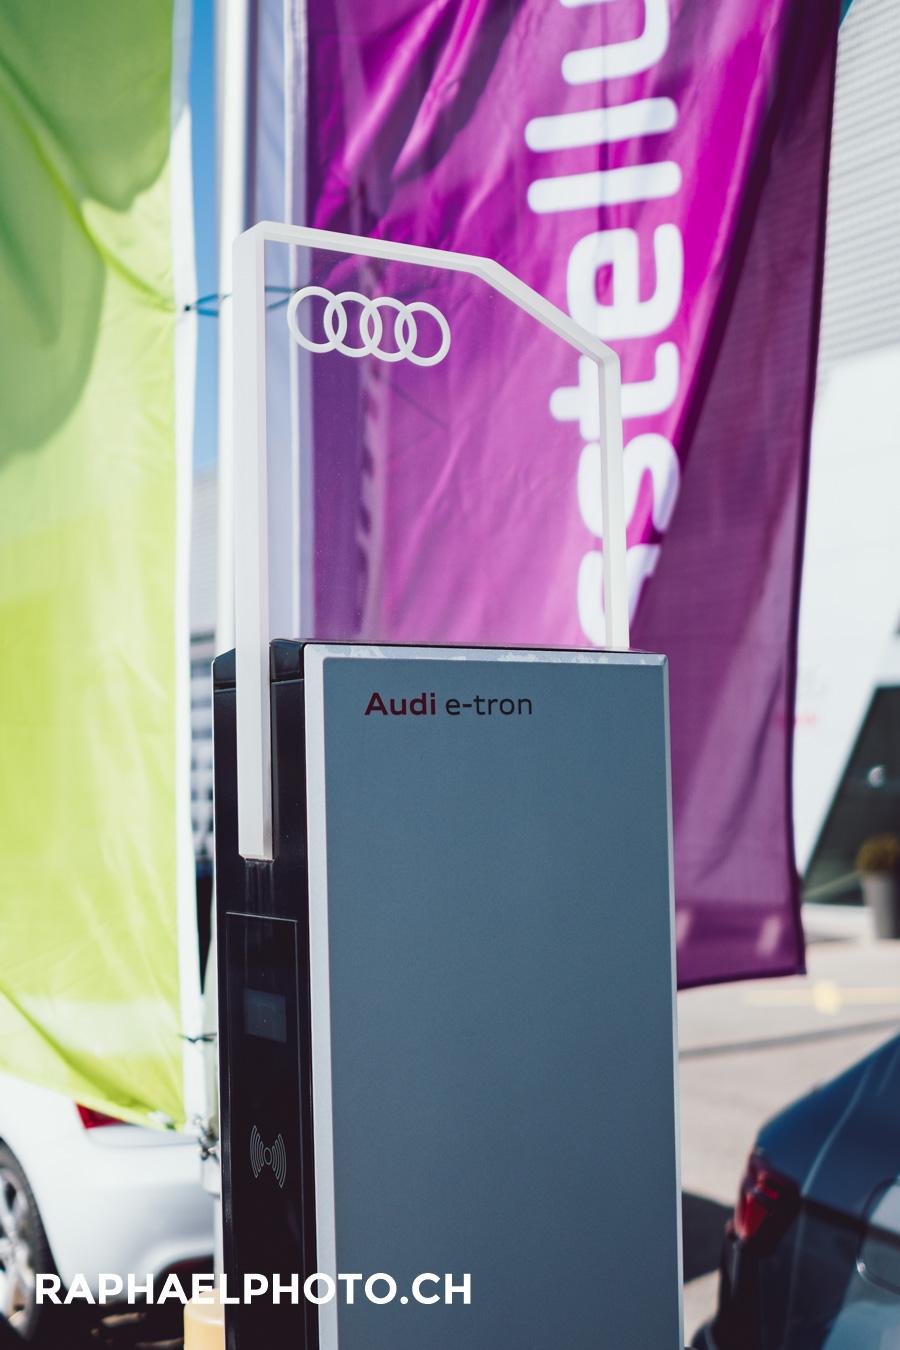 Ladesäule Audi Bern